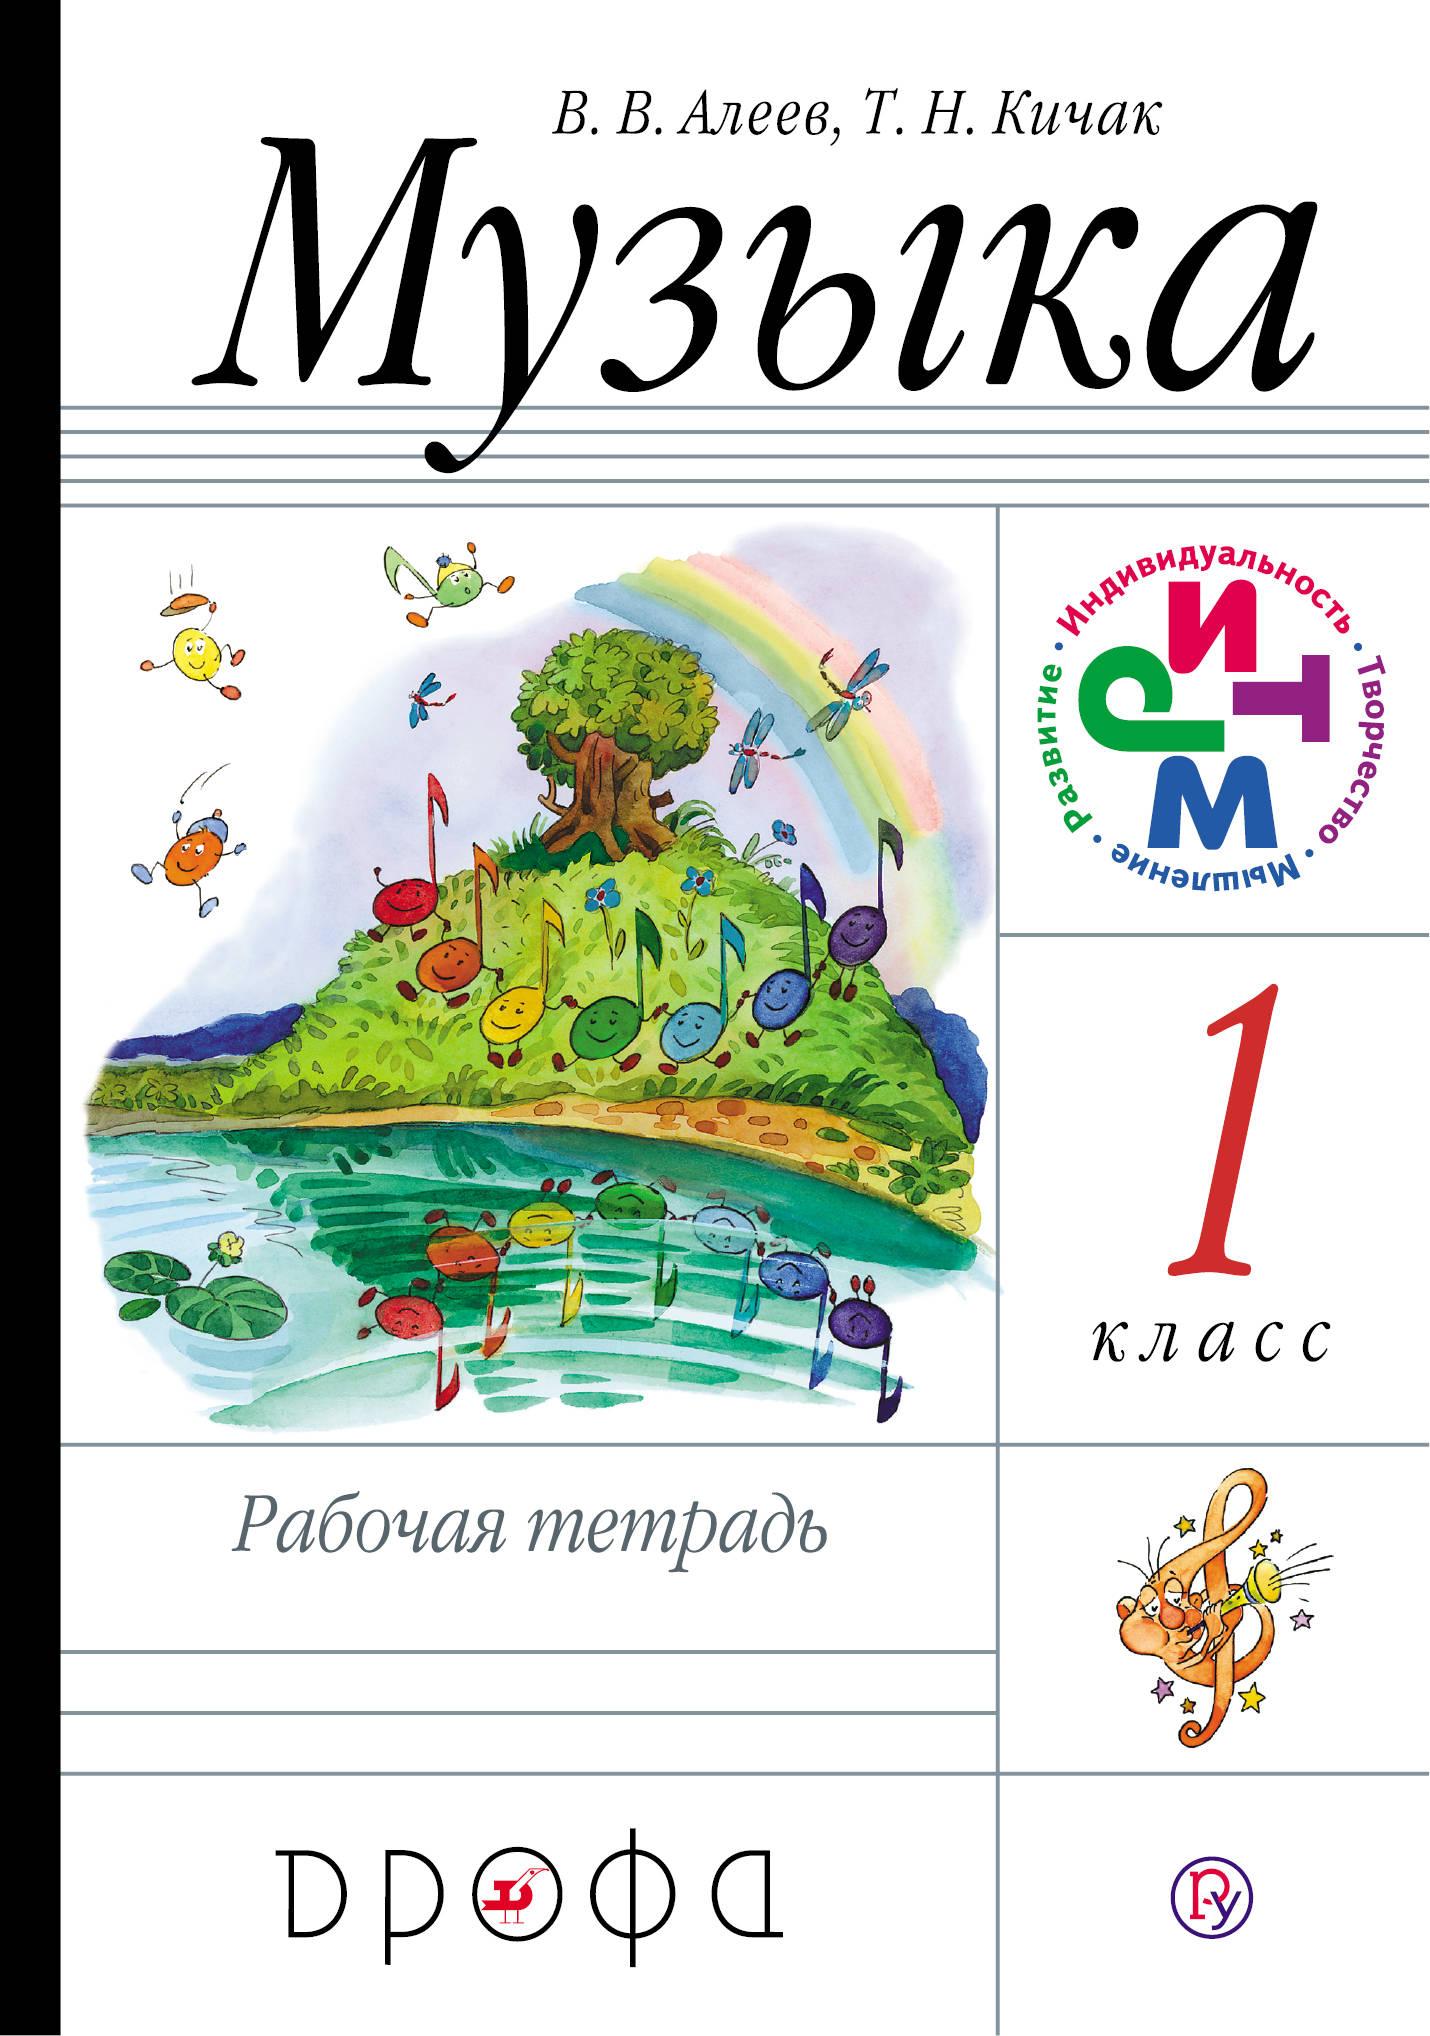 Музыка. 1 класс. Рабочая тетрадь, В. В. Алеев, Т. Н. Кичак